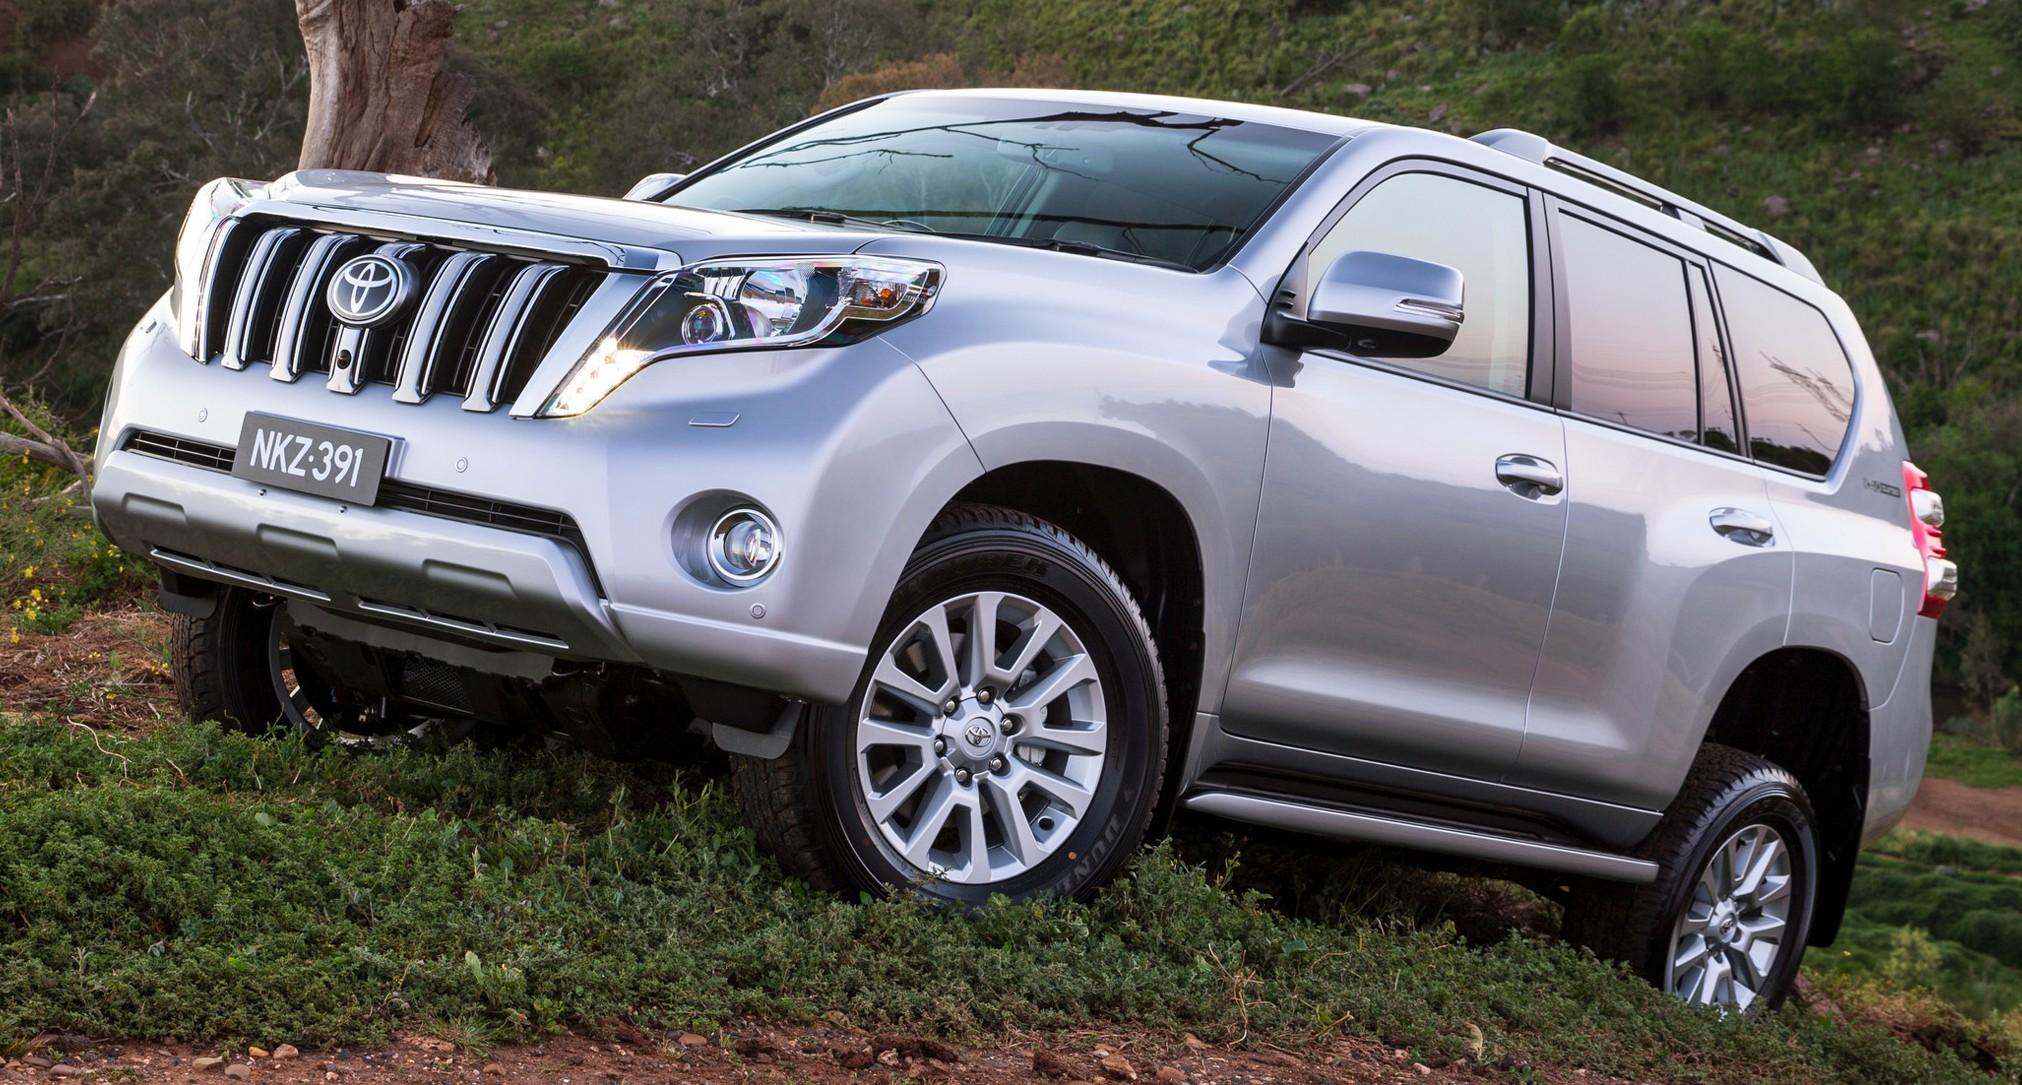 Toyota Land Cruiser Prado 2016 Toyota Land Cruiser Prado To Feature All New 28 Litre